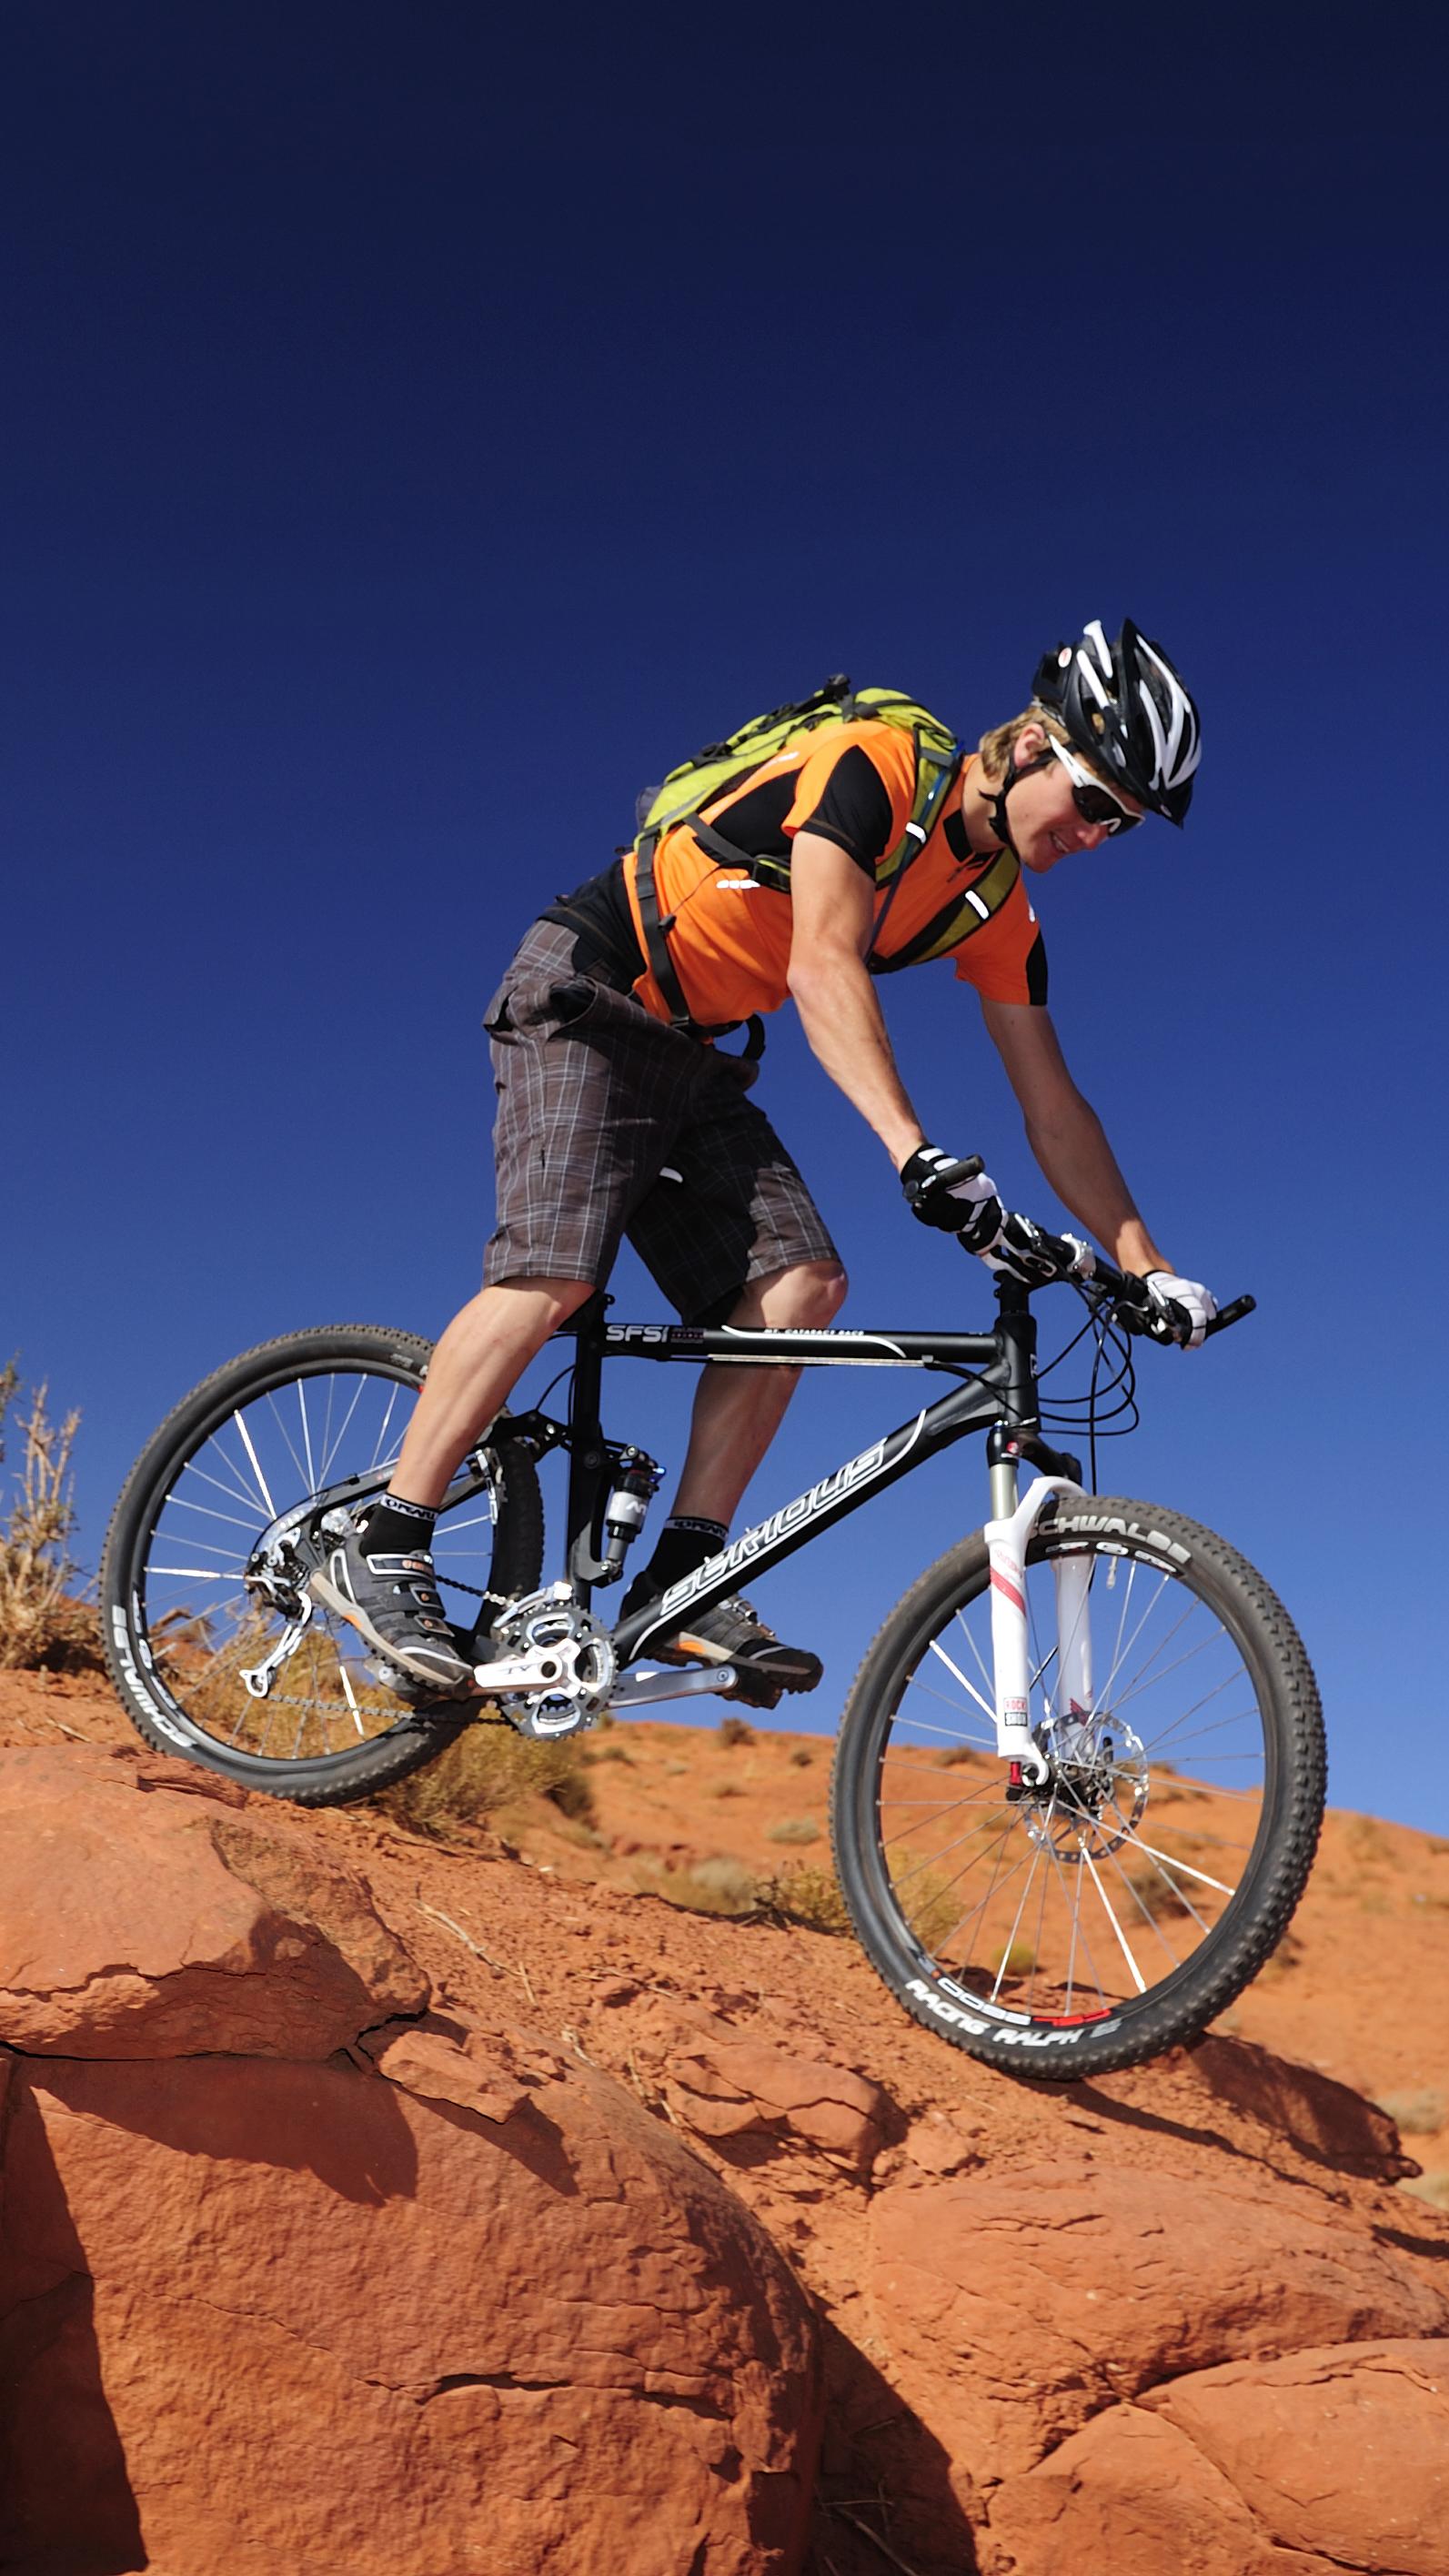 vtt desert 3WallpapersiPhoneParallax1 VTT Desert